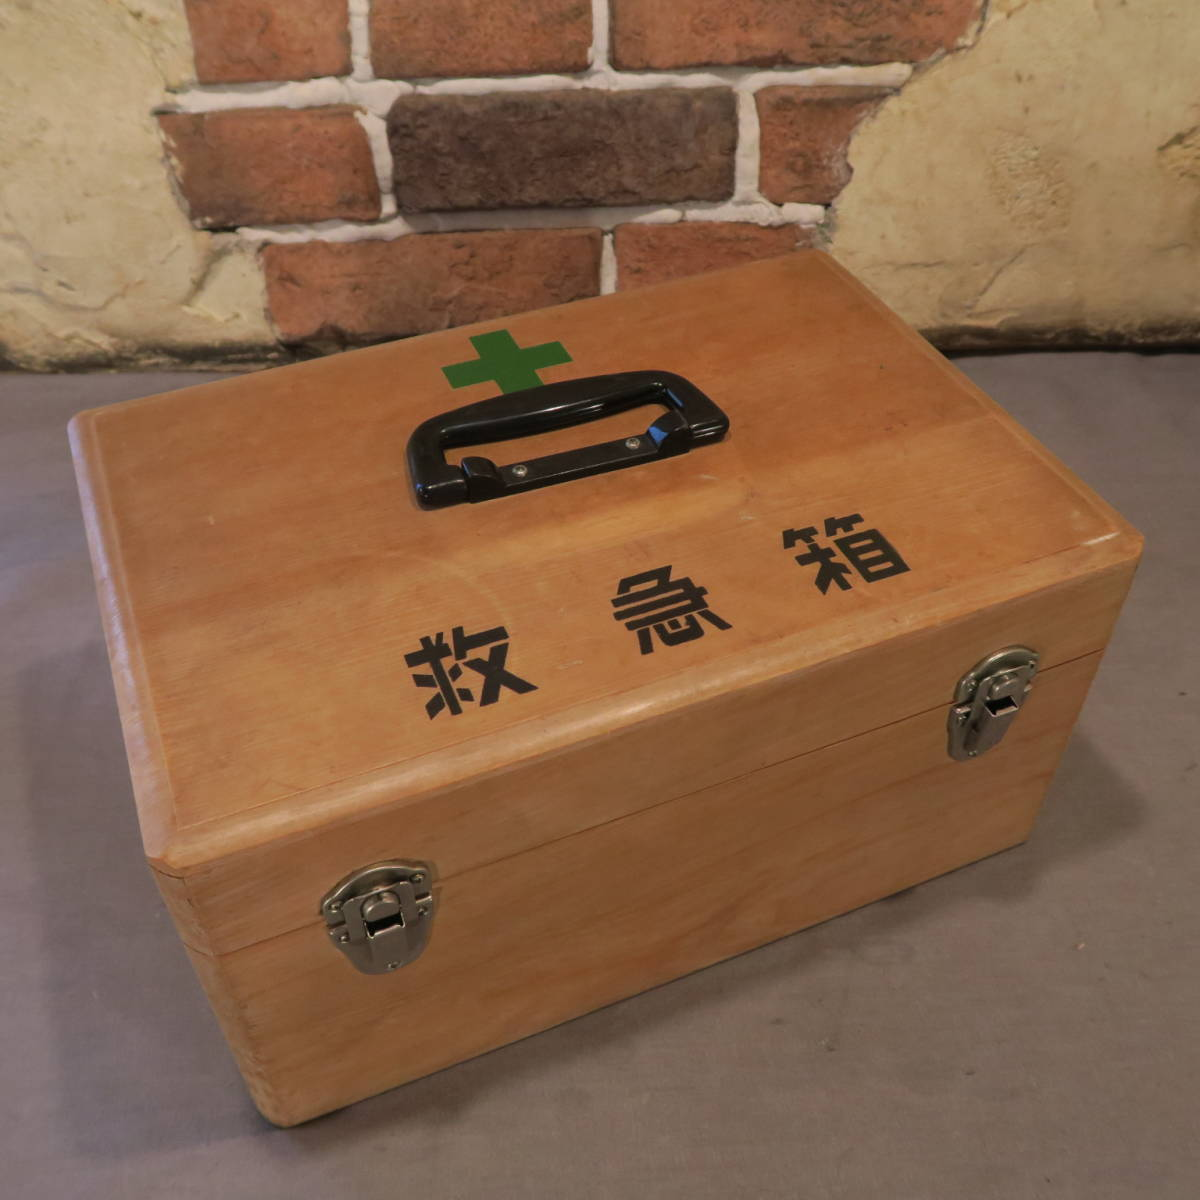 美品 救急箱 木製 昭和 レトロ 薬箱 中古 医療 ビンテージ 古道具 薬品 収納 ナチュラル